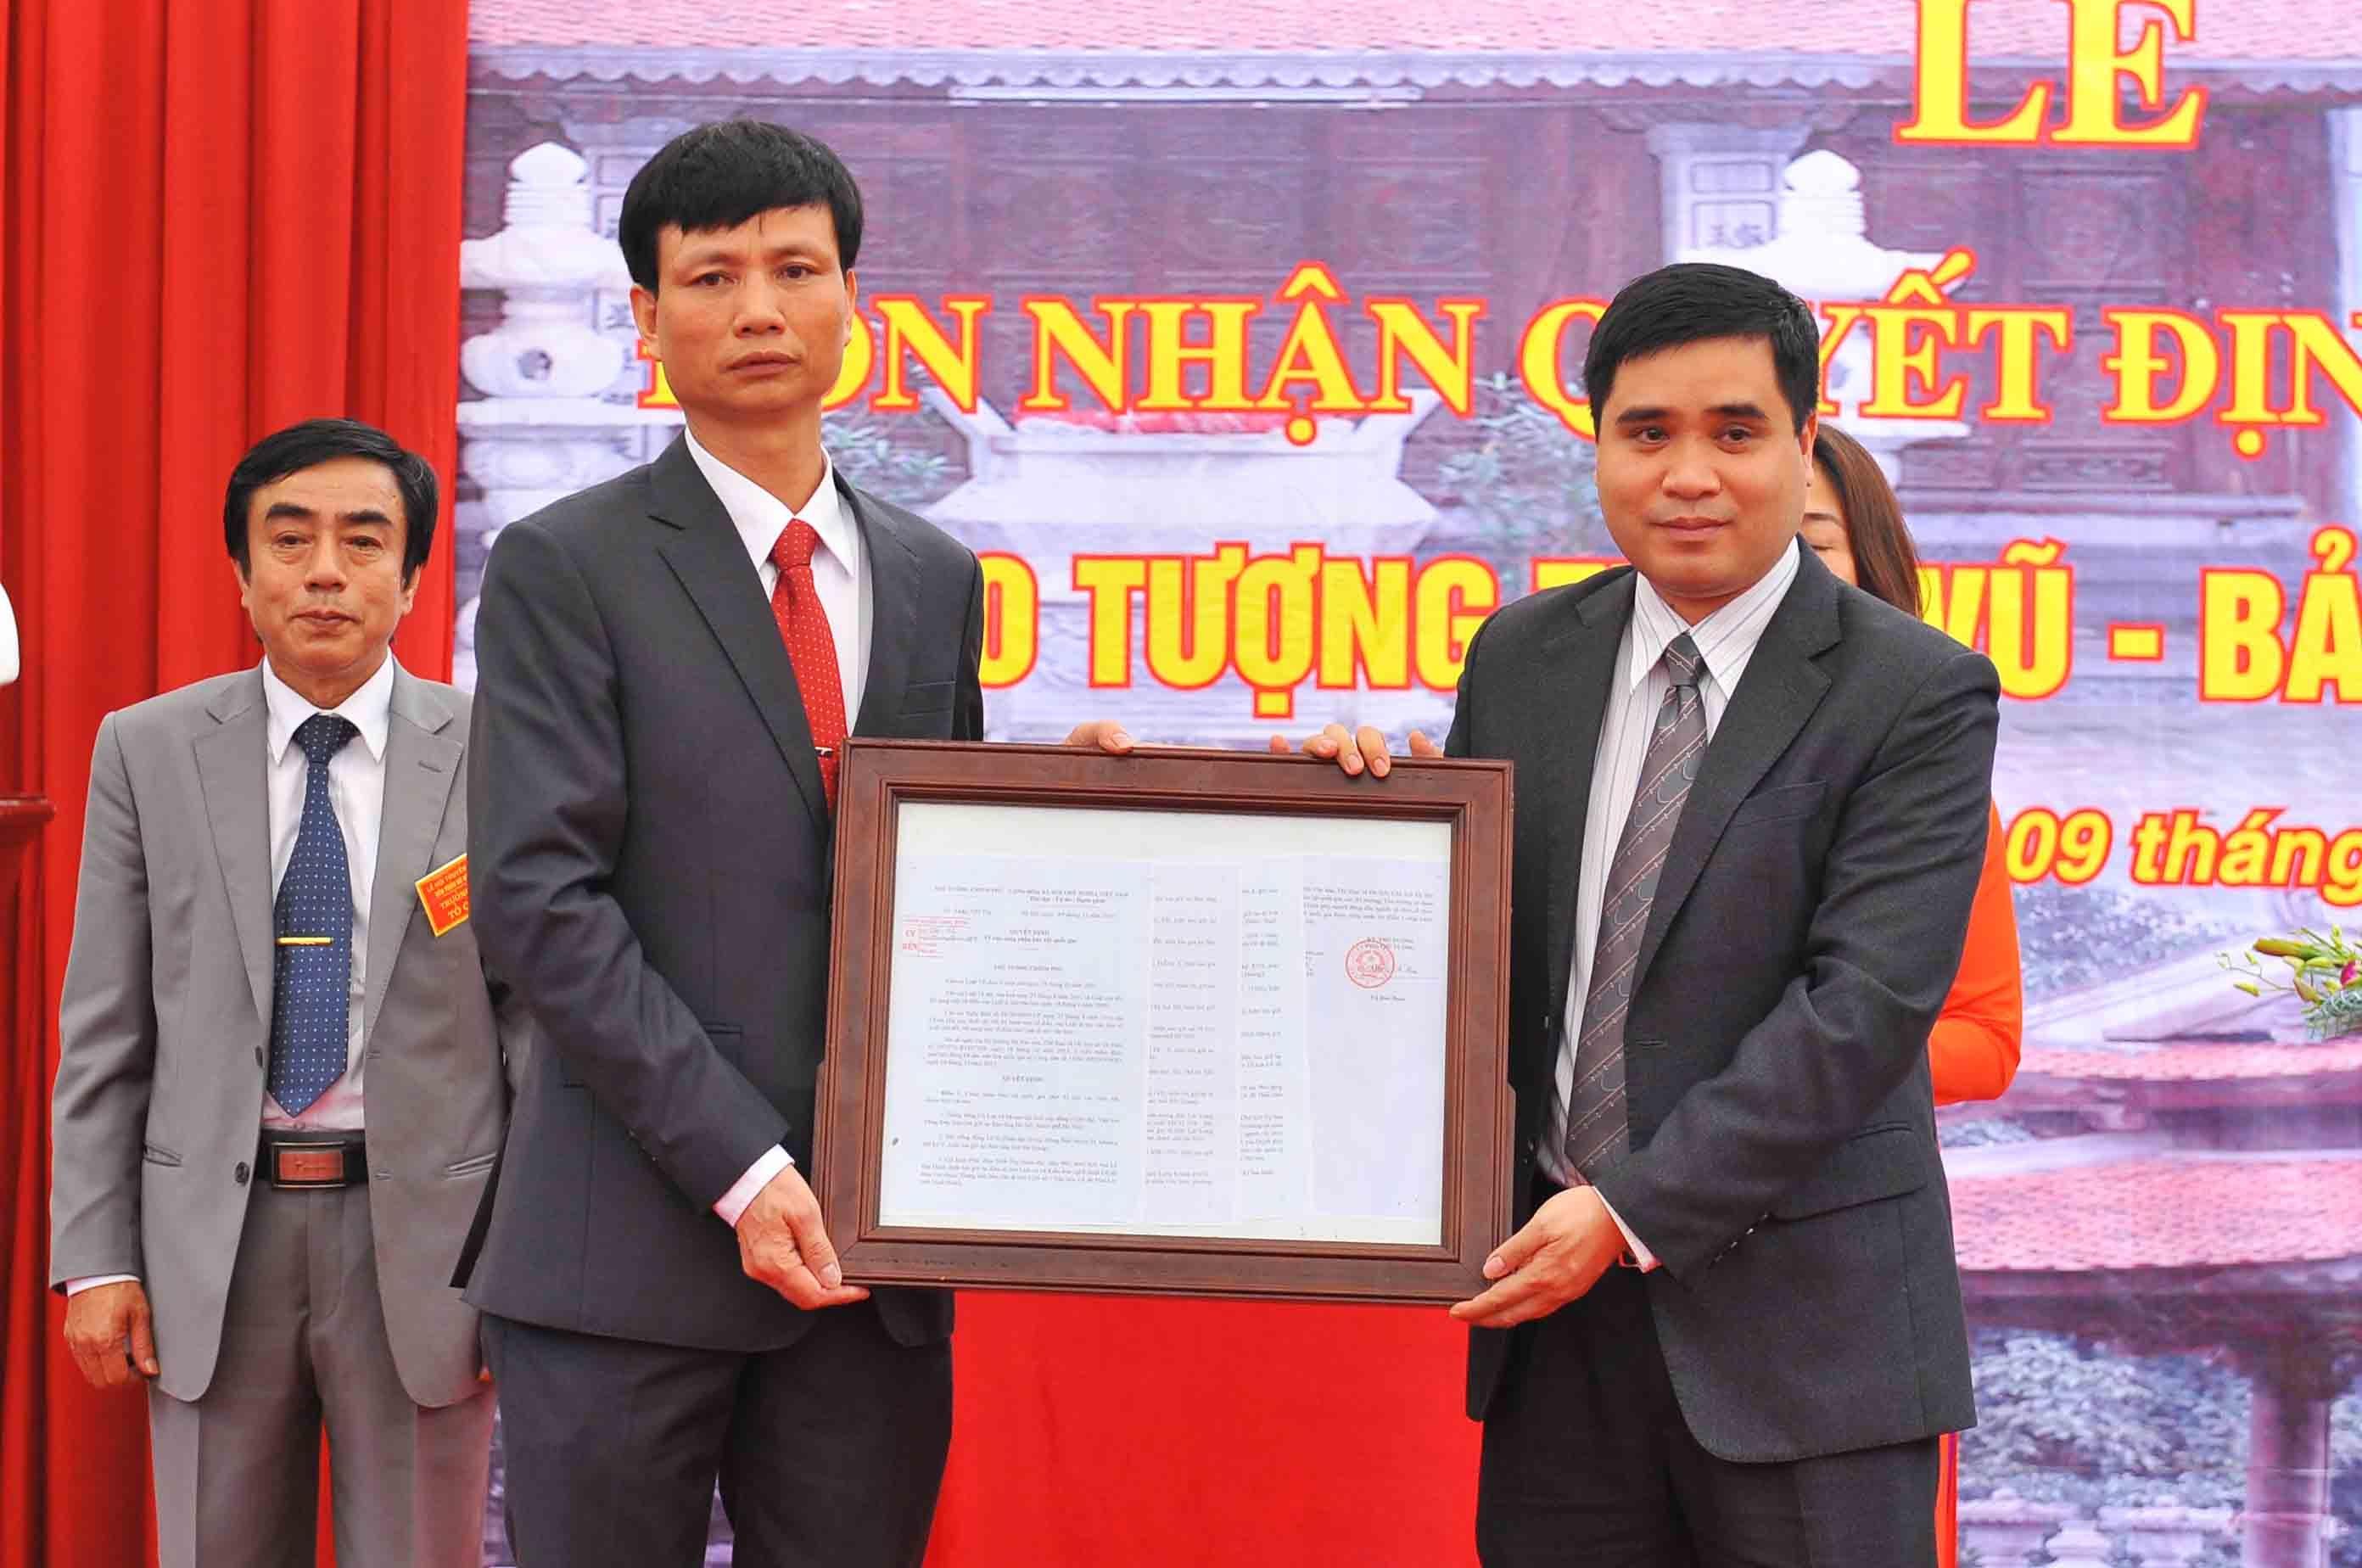 Đại diện chính quyền địa phương lên nhận Bằng công nhận Bảo vật quốc gia đối với pho tượng Huyền Thiên Trấn Vũ ( Ảnh: Đức Vũ)